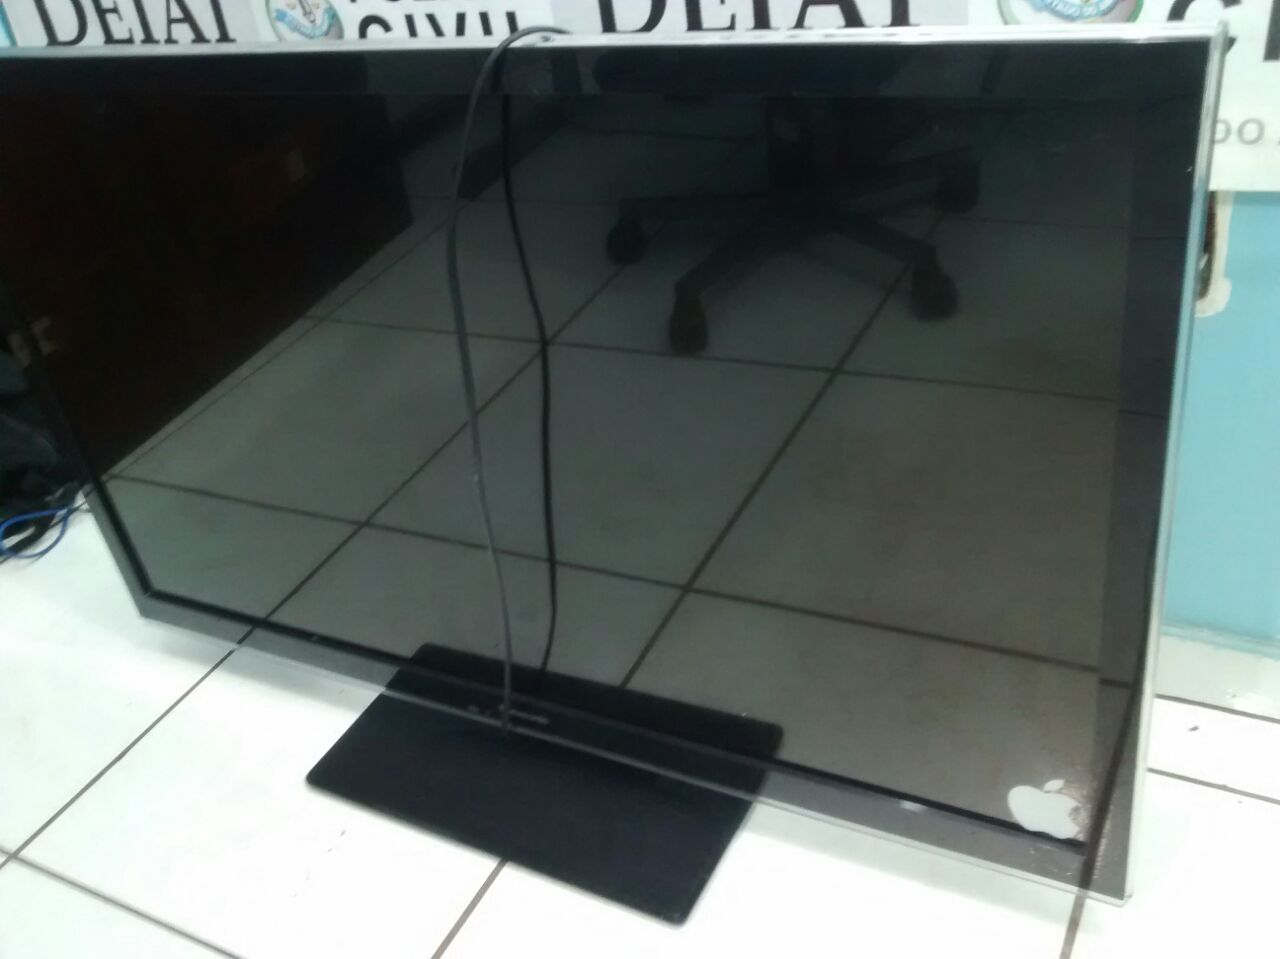 BRPM impede fuga de ladrões de televisor no Congós